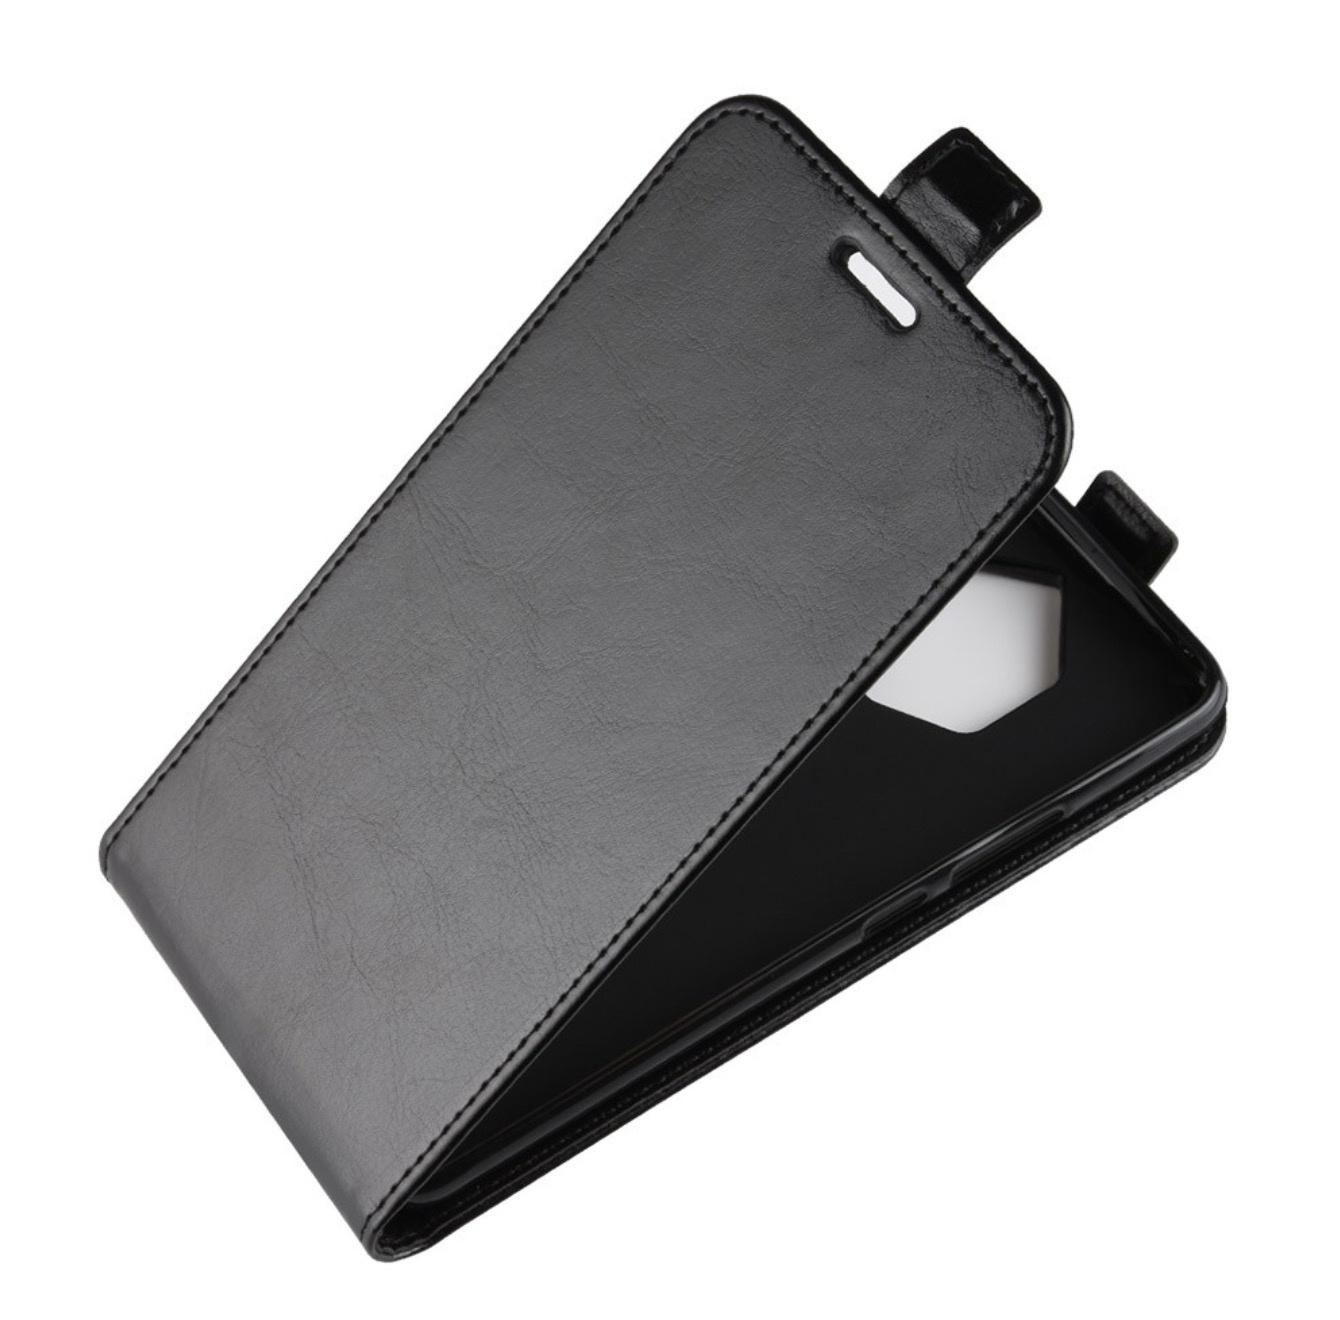 купить Чехол-флип MyPads для Alcatel One Touch IDOL MINI 6012D/X вертикальный откидной черный по цене 633 рублей